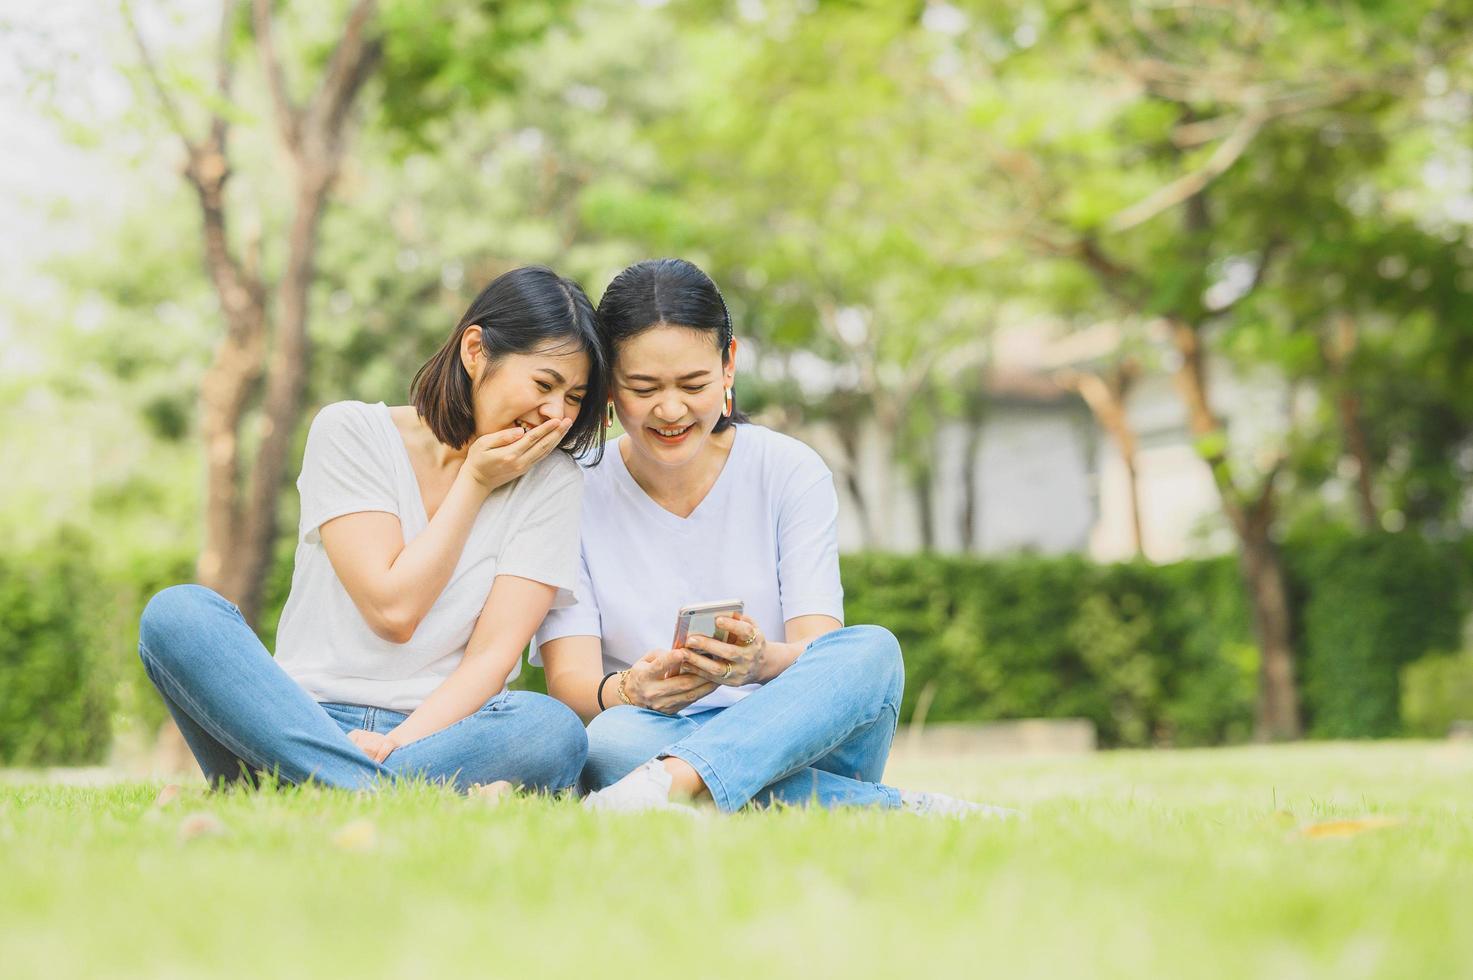 asiatische Frauen lachen, während sie Smartphone im Freien benutzen foto